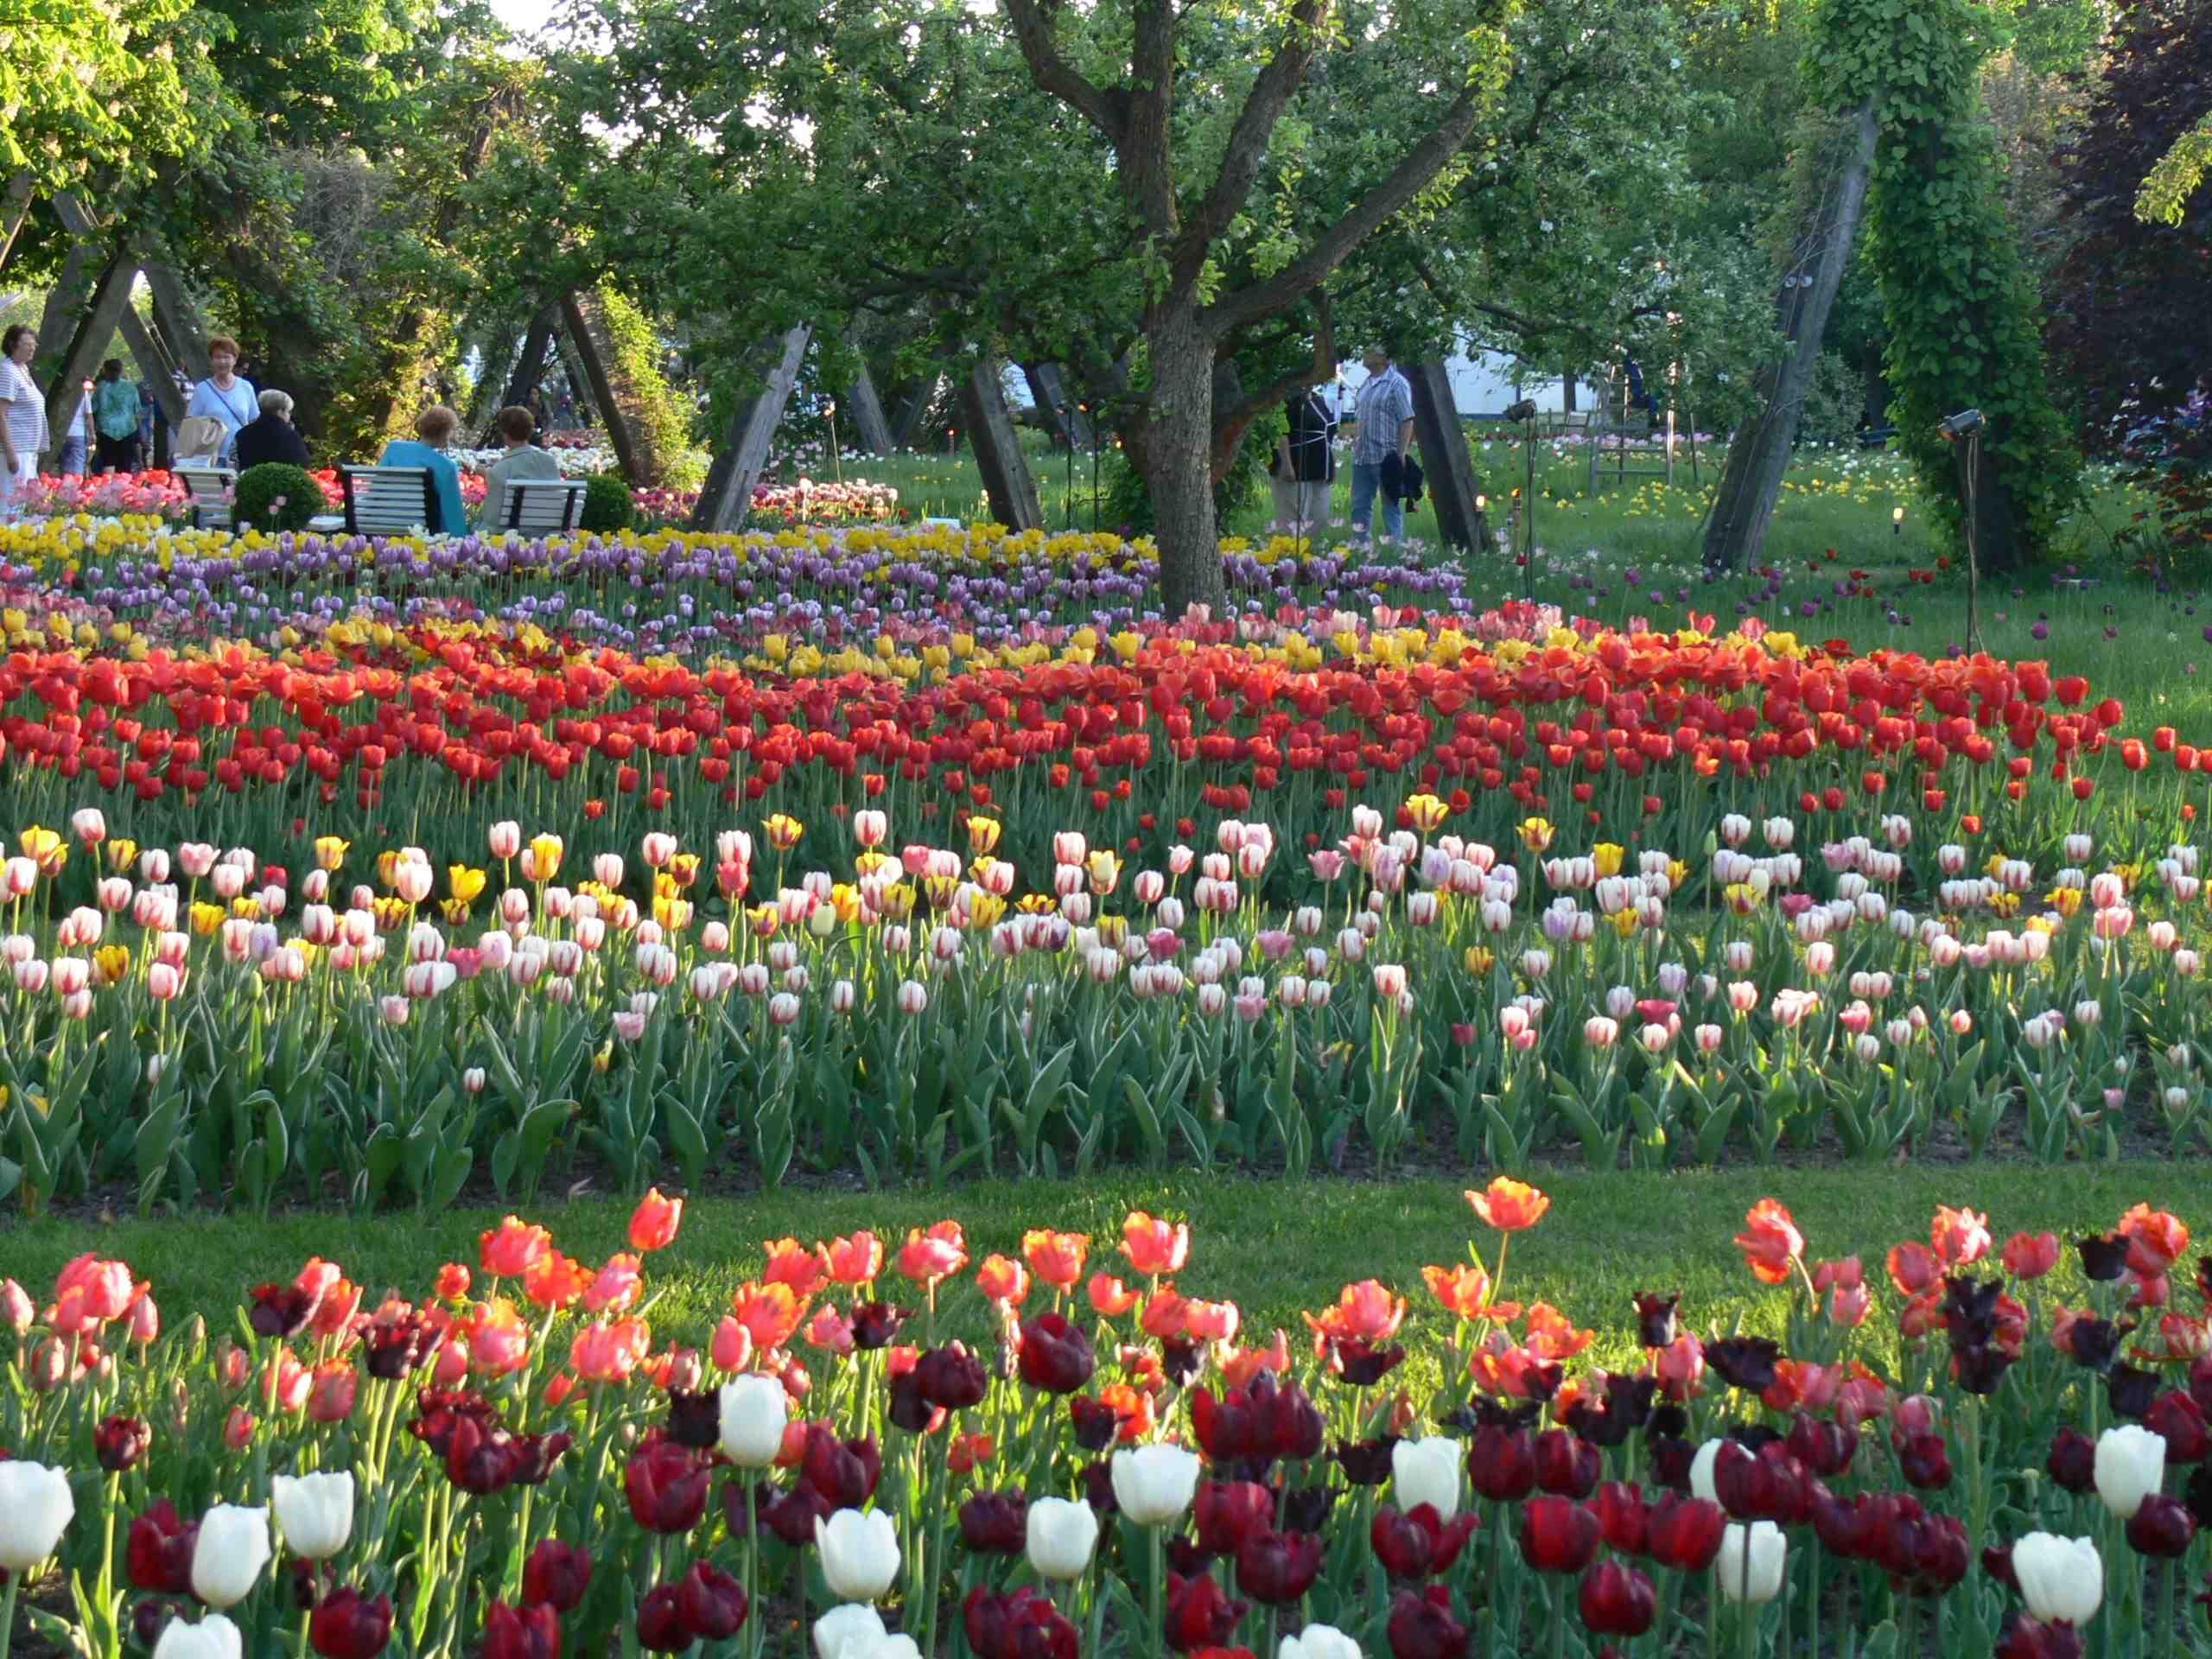 Britzer Garten Garten Berlin Flammen